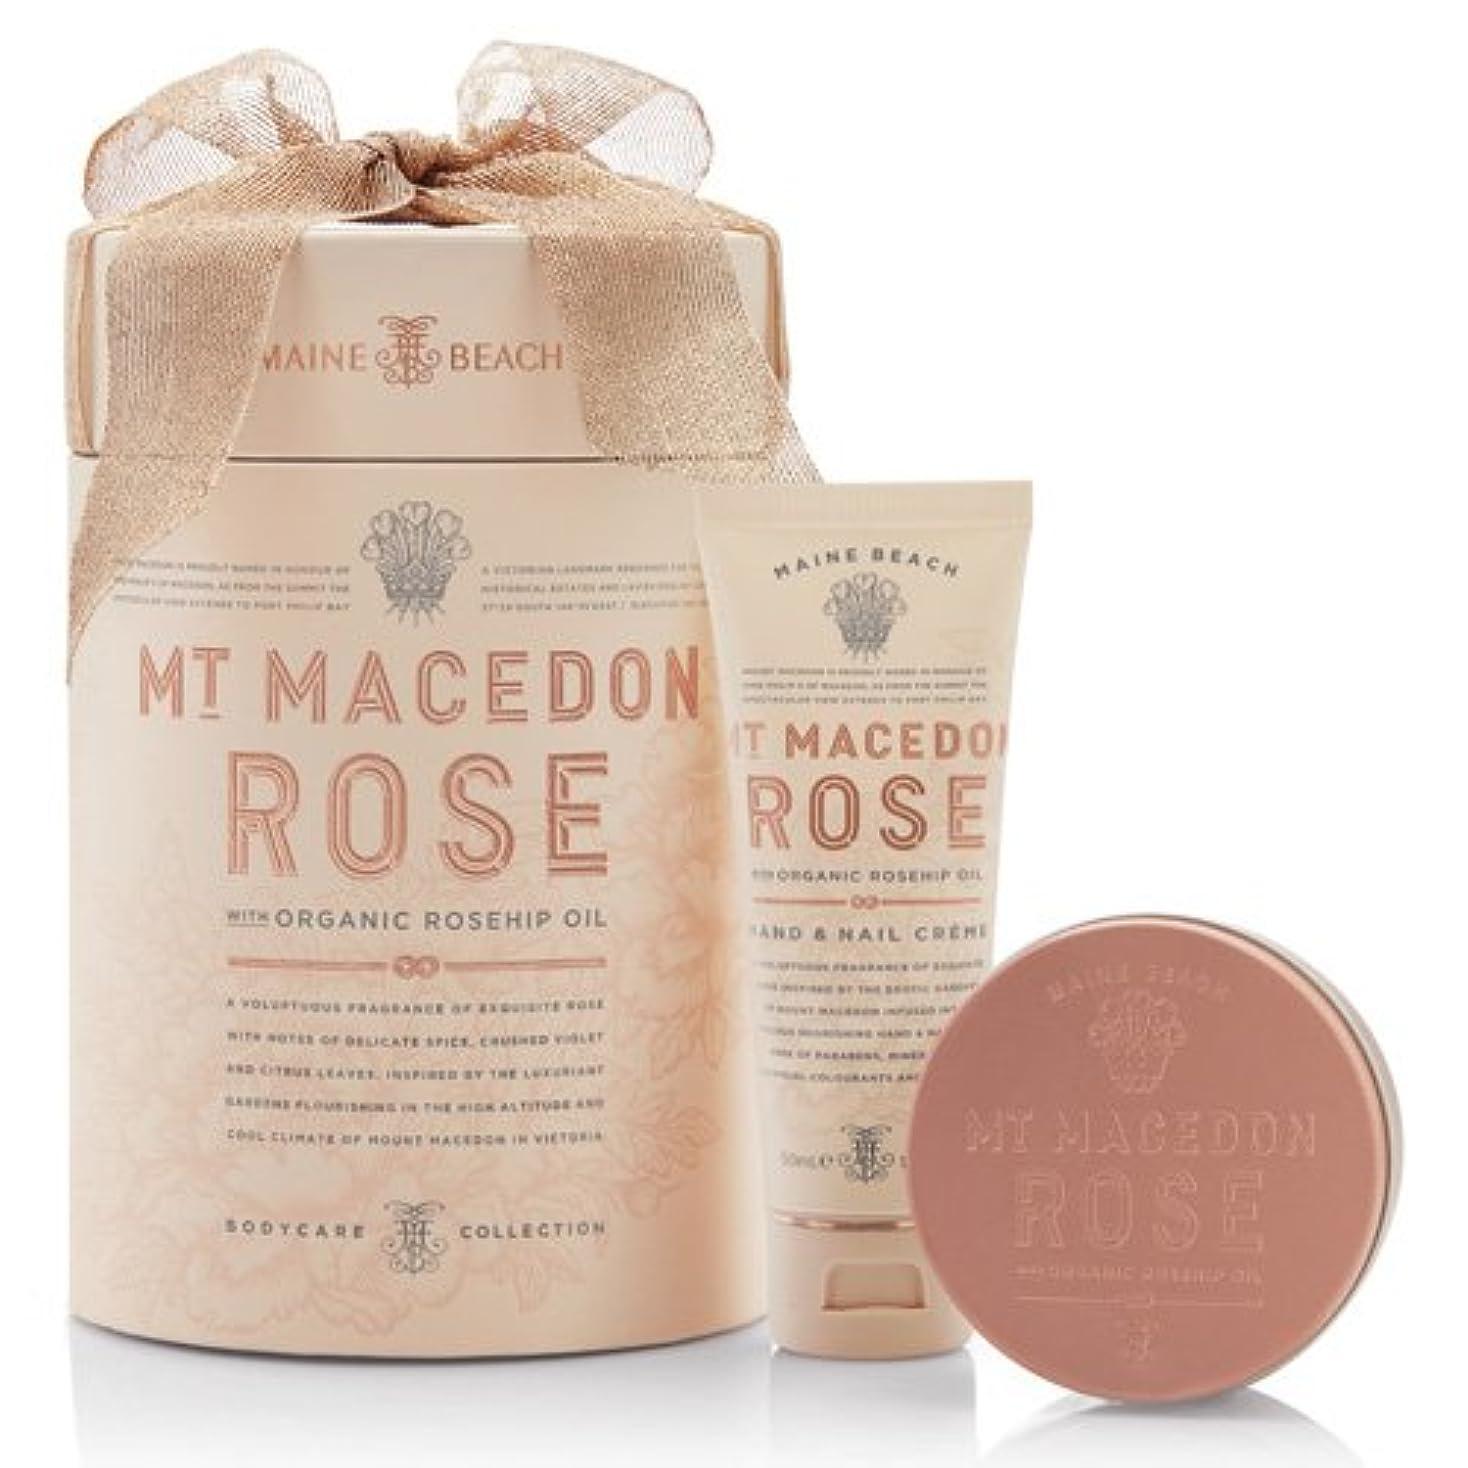 思慮深い短命検閲MAINE BEACH マインビーチ MT MACEDON ROSE マウント マセドン ローズ Duo Gift Pack